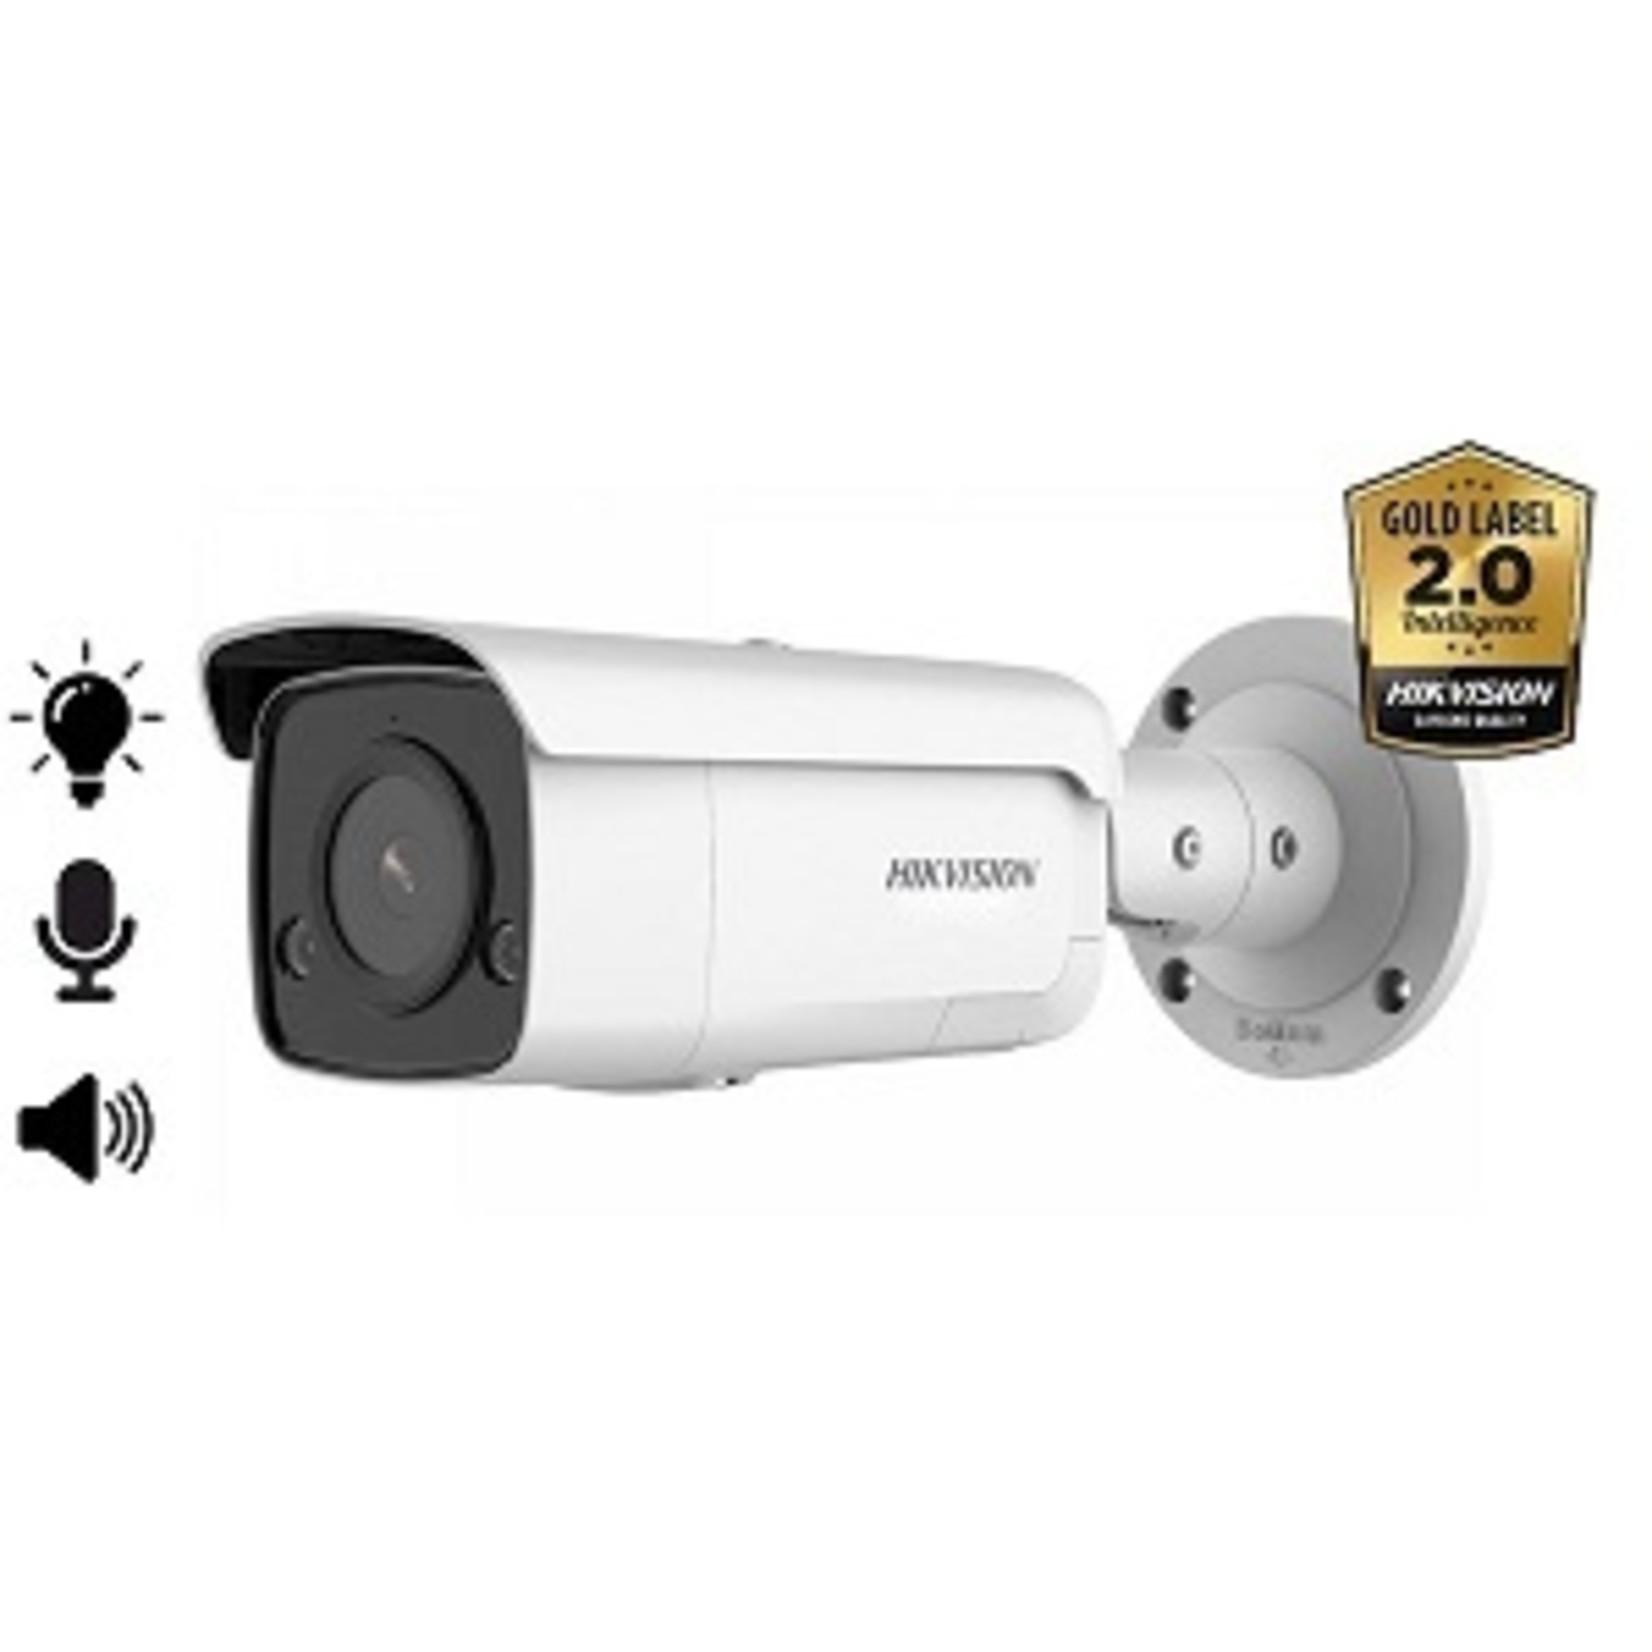 Hikvision DS-2CD2T46G2-ISU/SL, 4 Megapixel, microfoon en speaker, strobe light, 80m IR